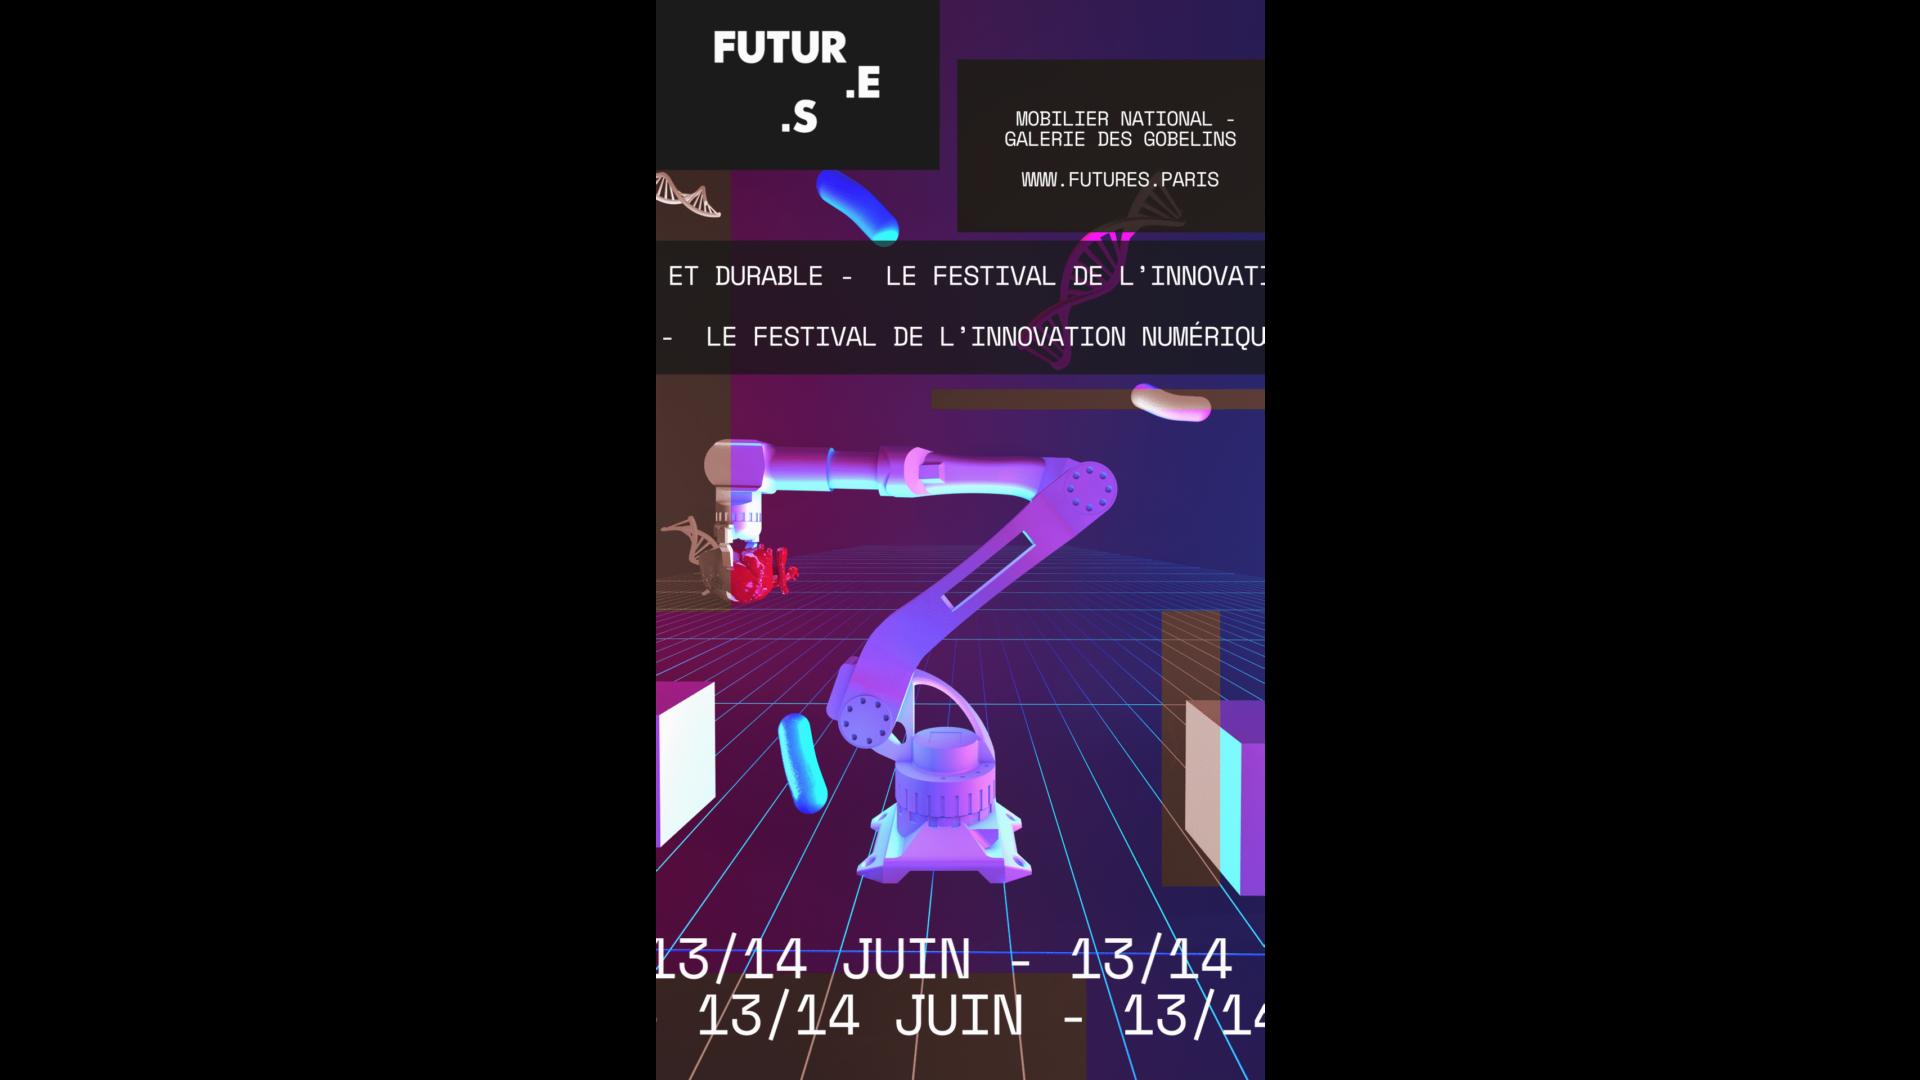 Festival Futur.e.s_Robot